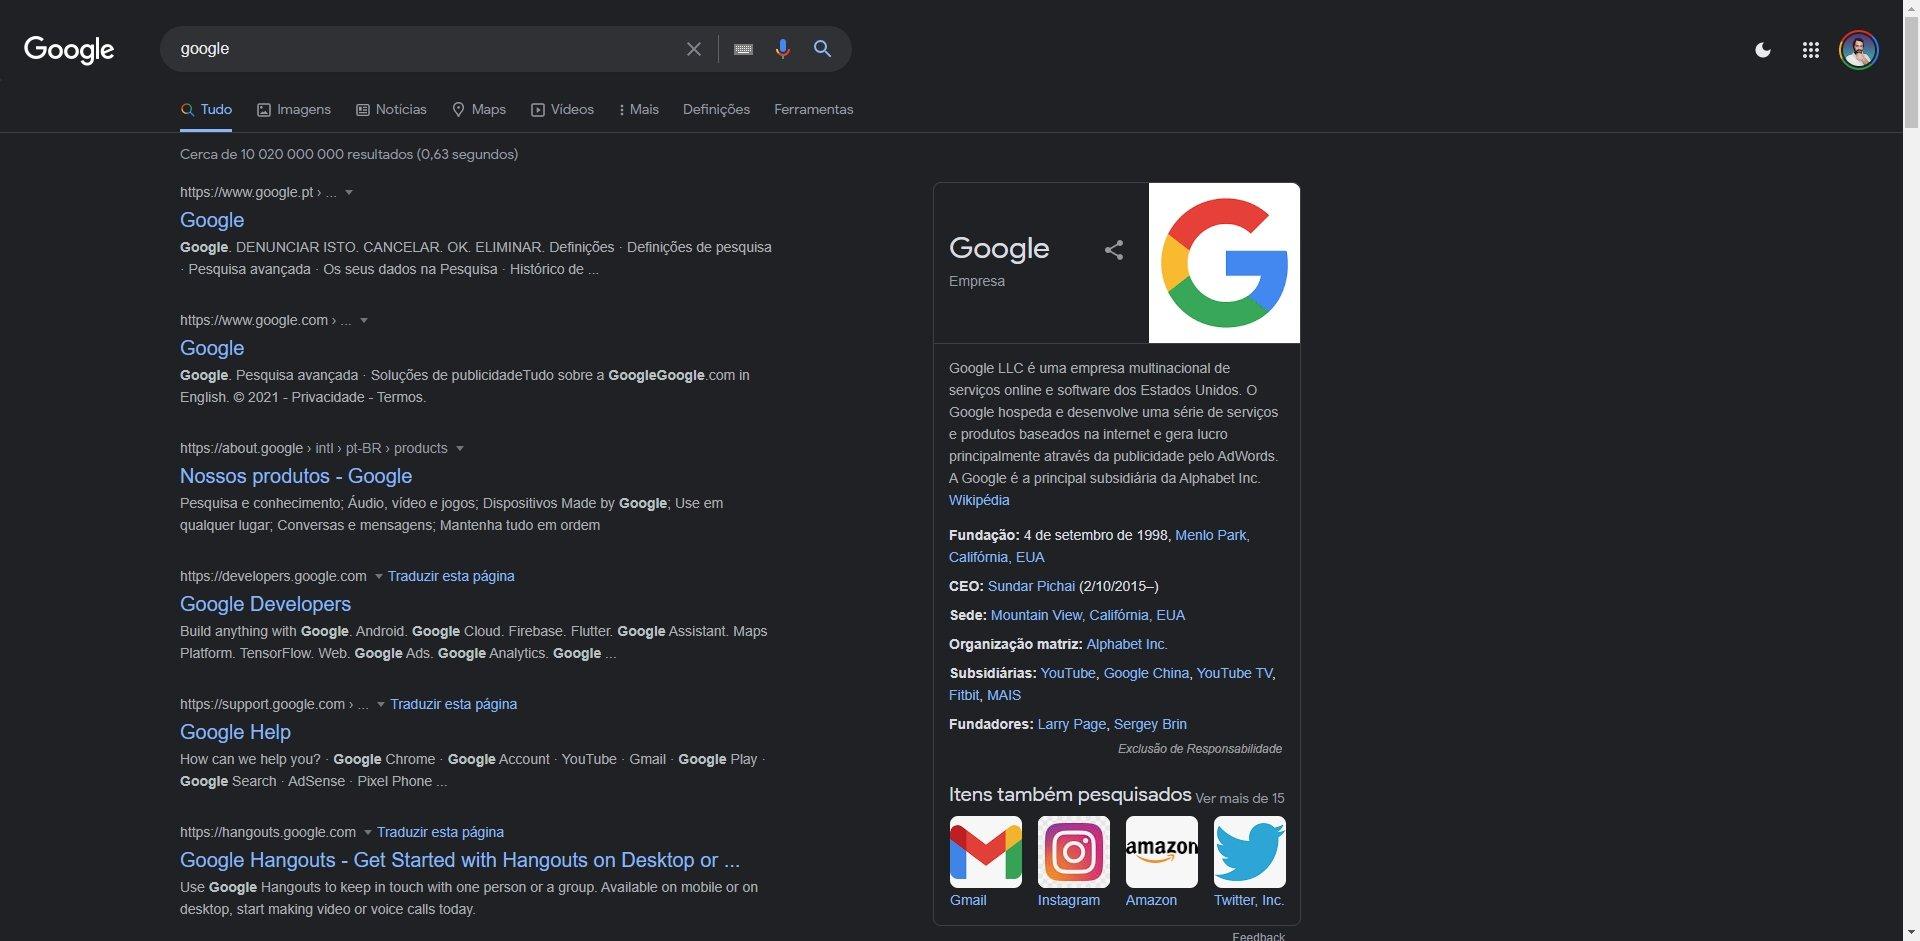 modo escuro de pesquisa na Google